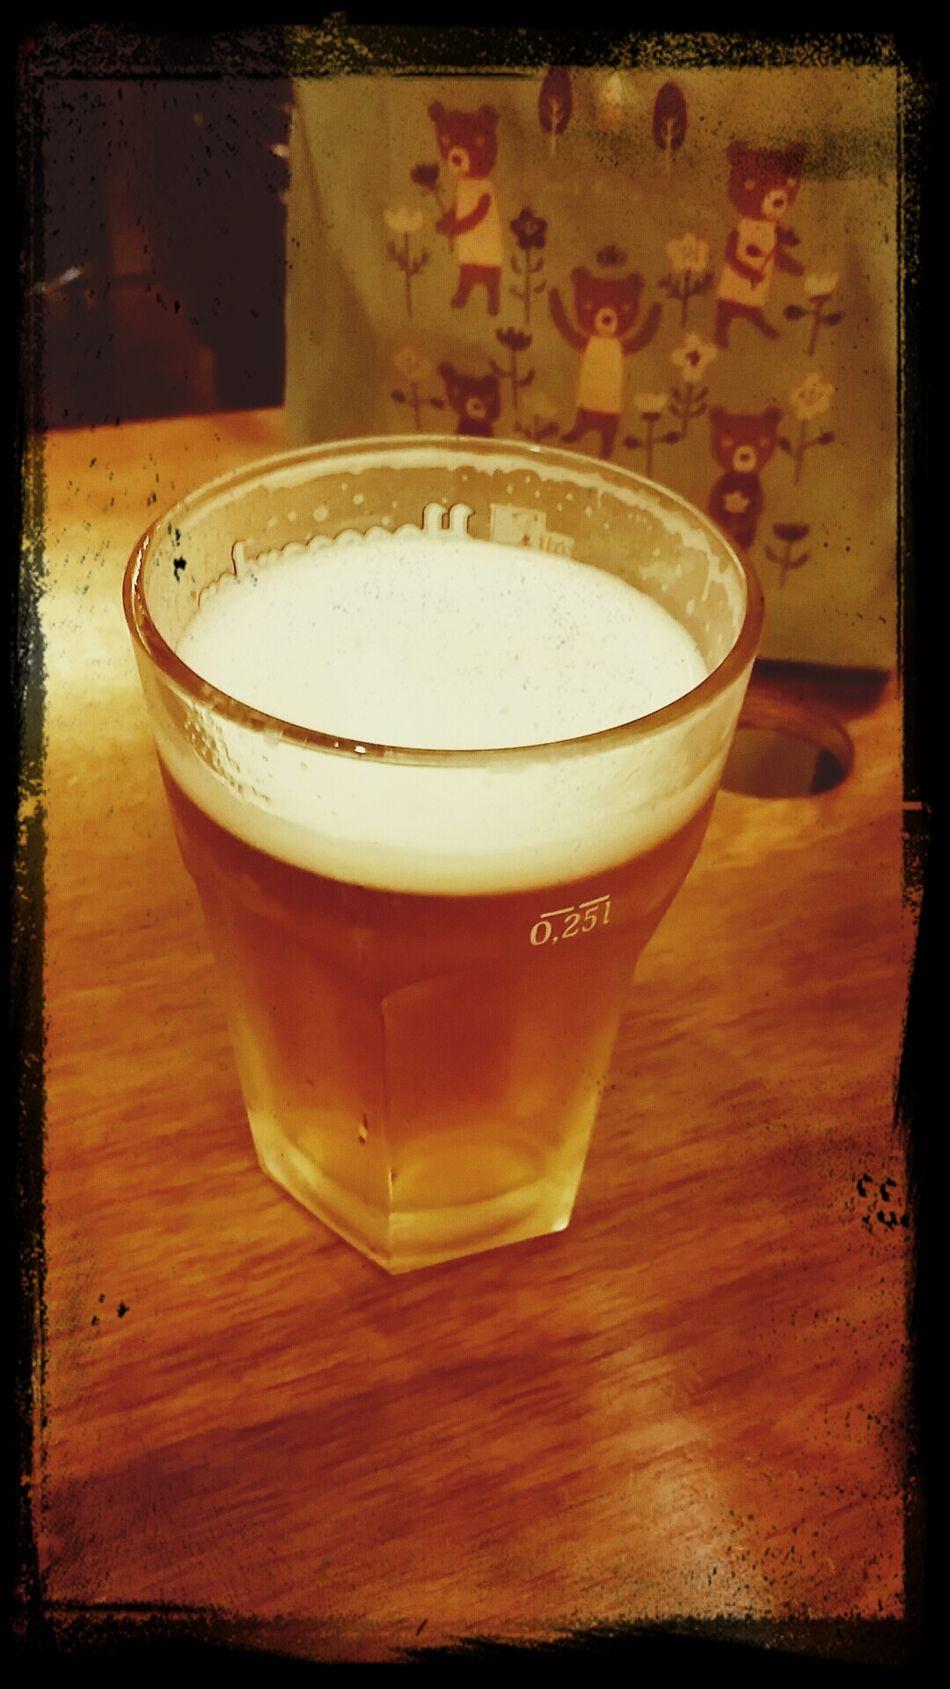 시원한 맥주한잔~크아 좋다!